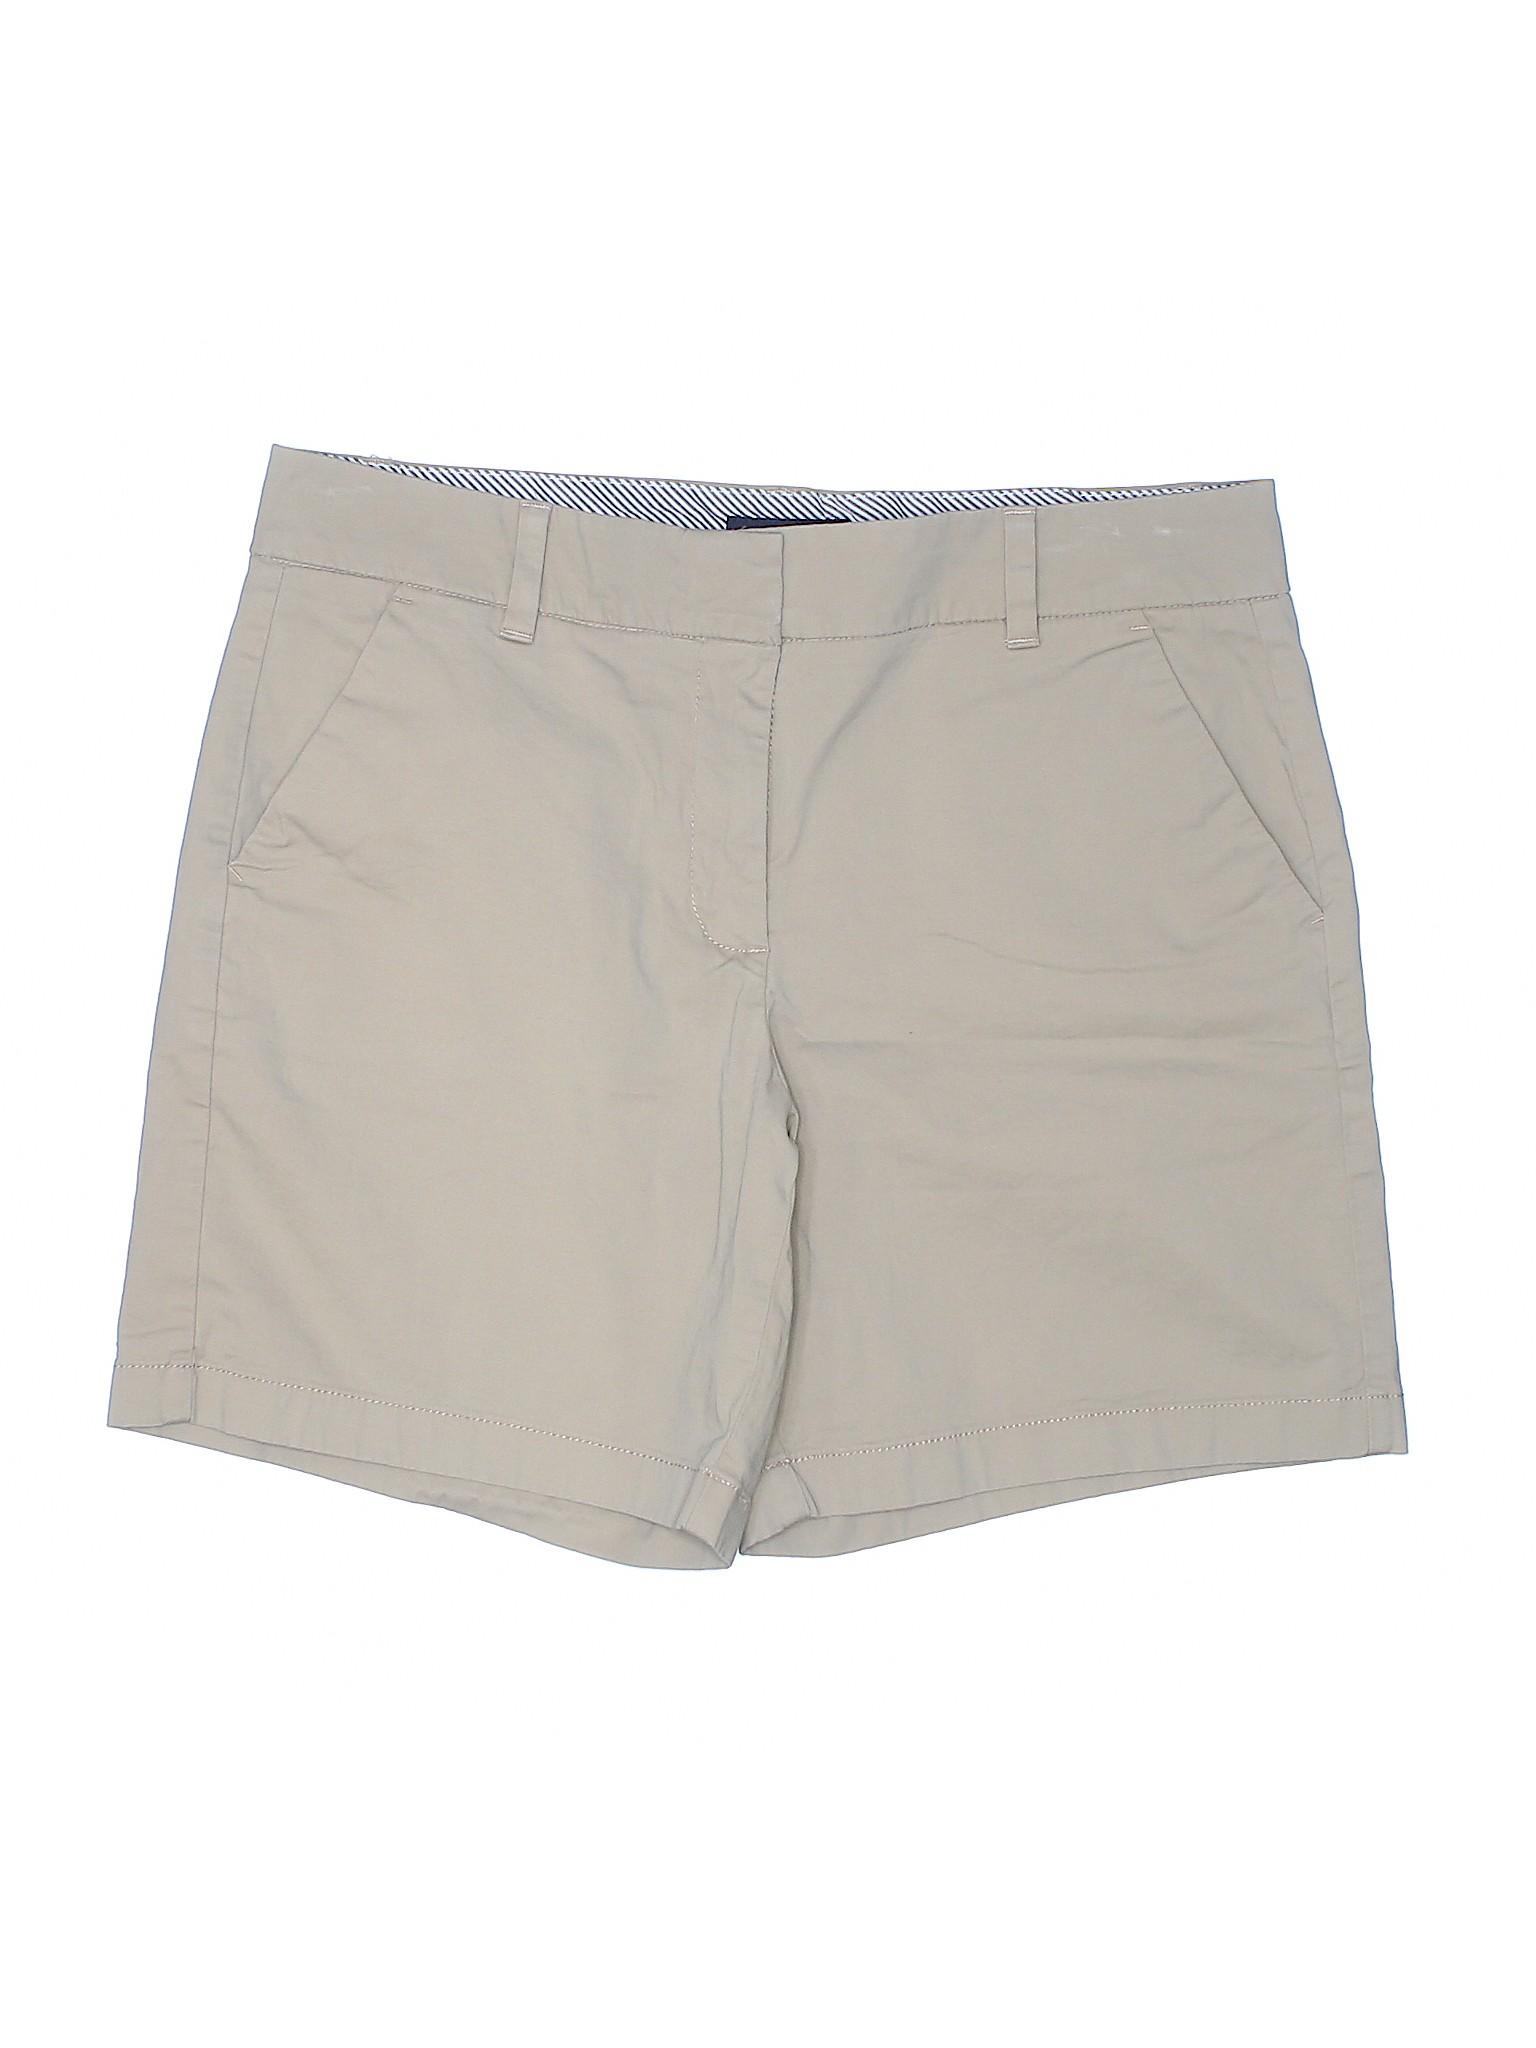 Hilfiger Boutique Boutique Khaki Shorts Tommy Tommy qwt5dfnw